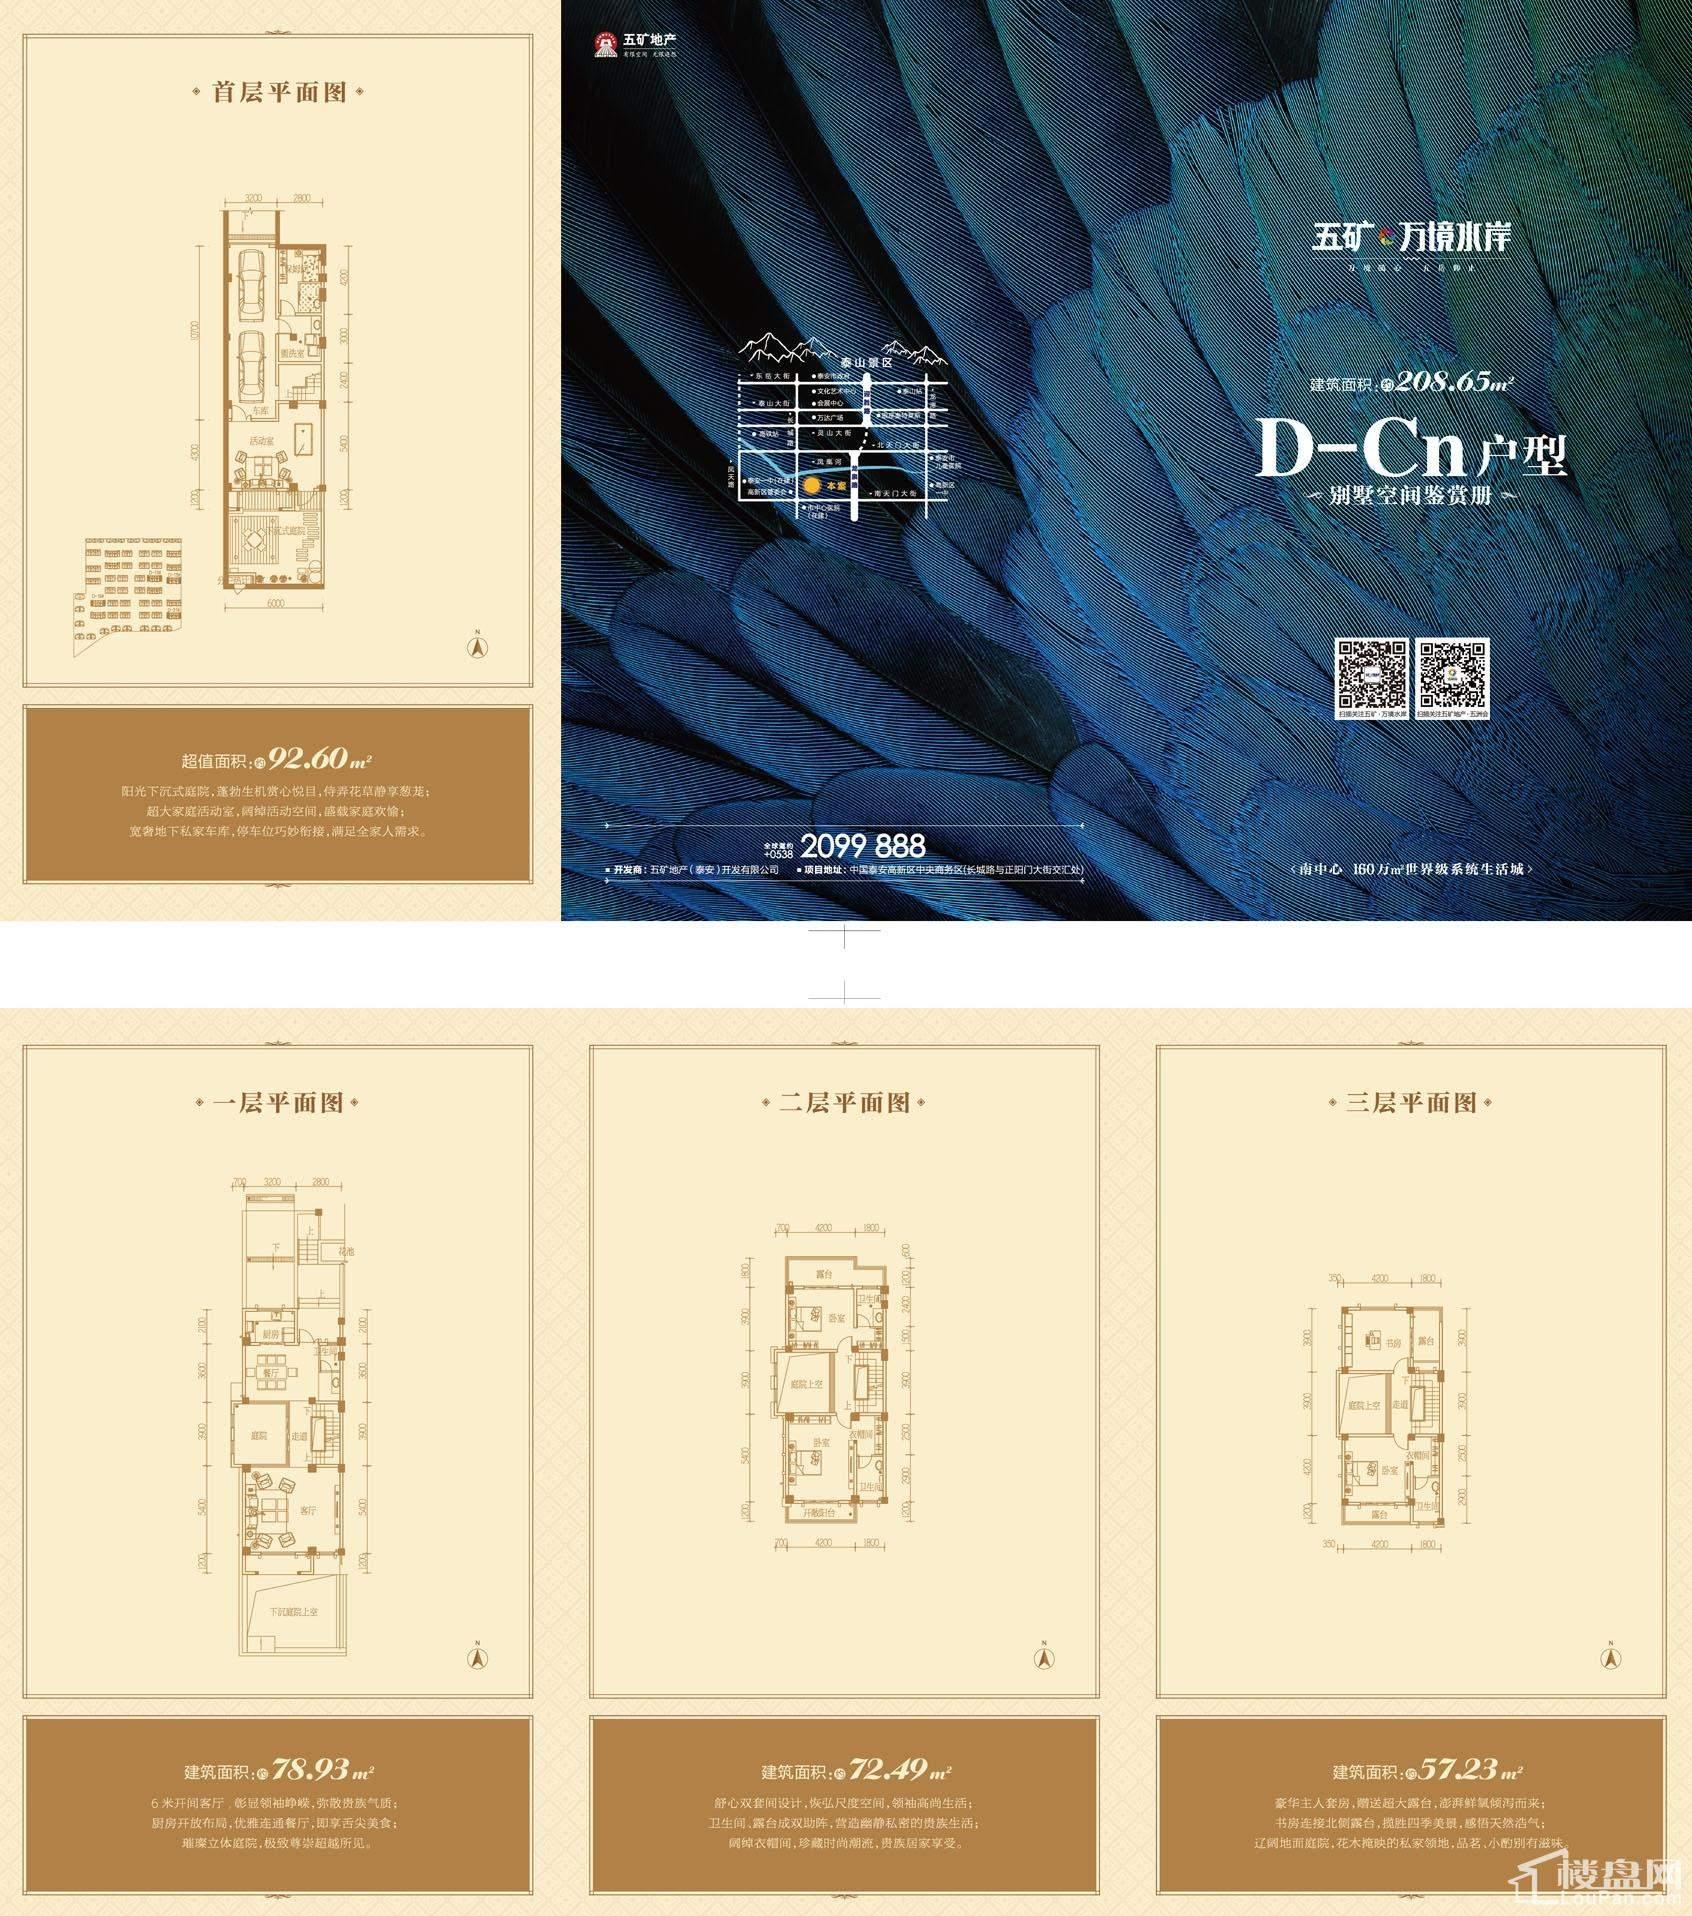 别墅户型D-Cn地上建筑面积208.65+赠送面积92.6